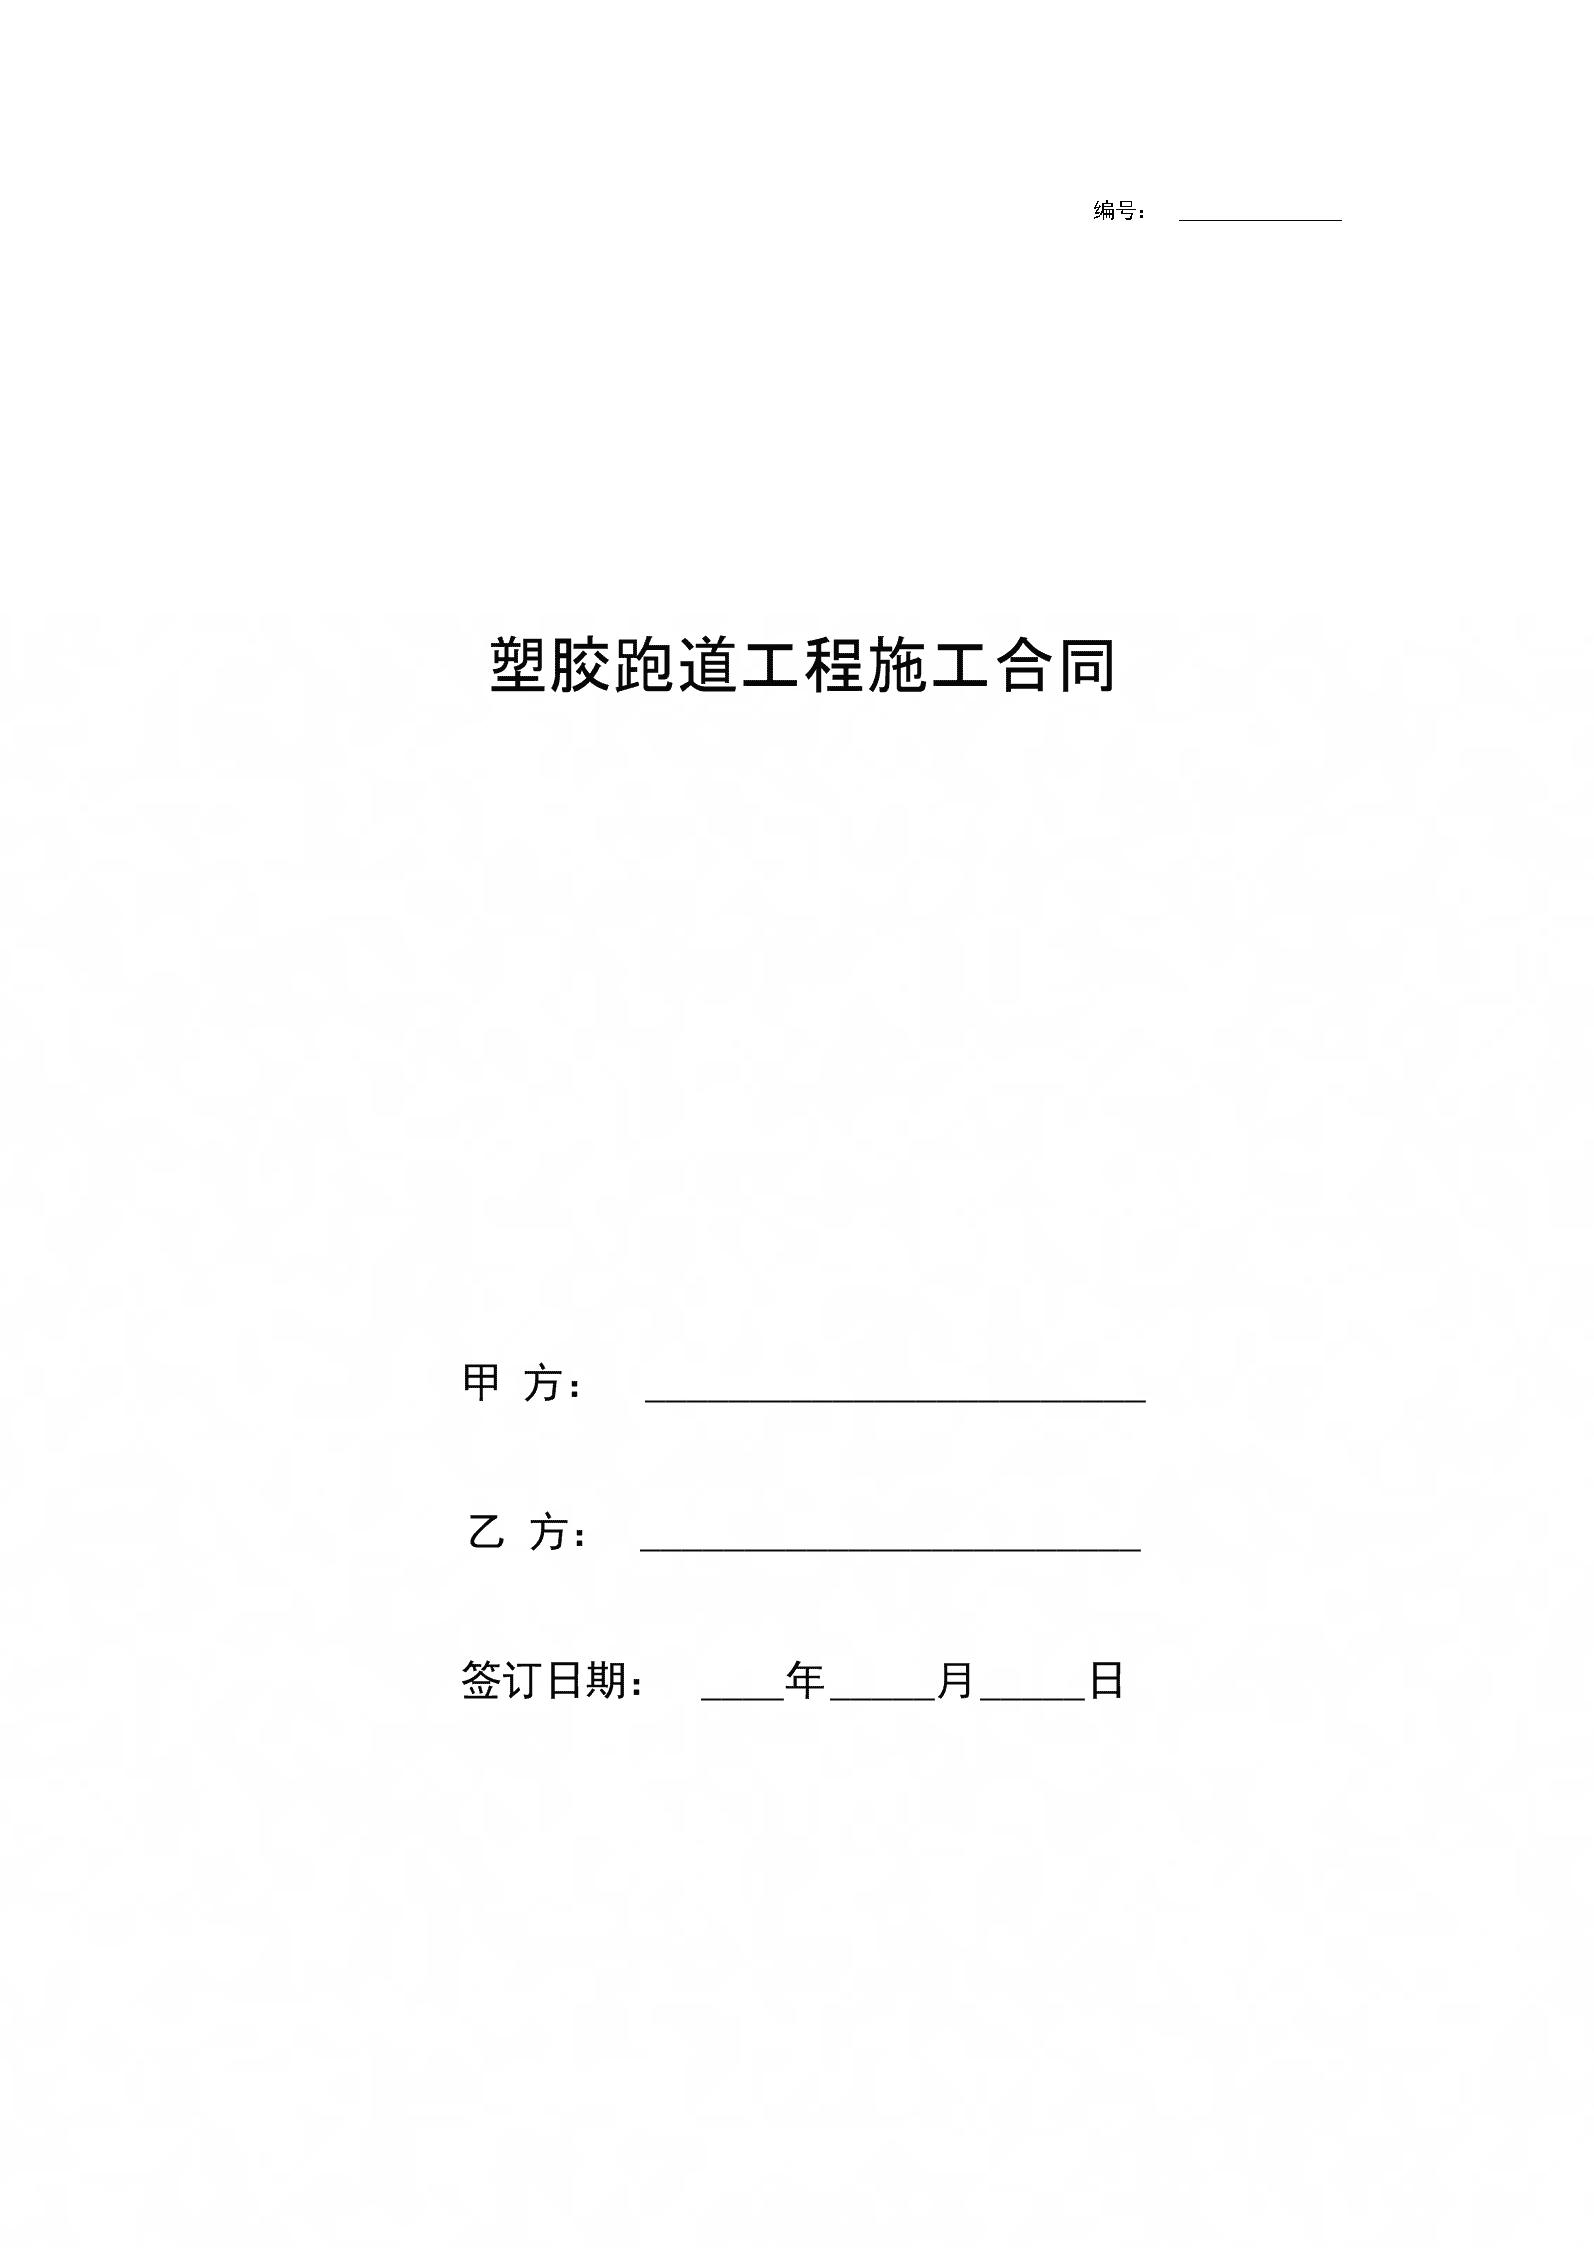 塑胶跑道工程施工合同协议书范本.docx